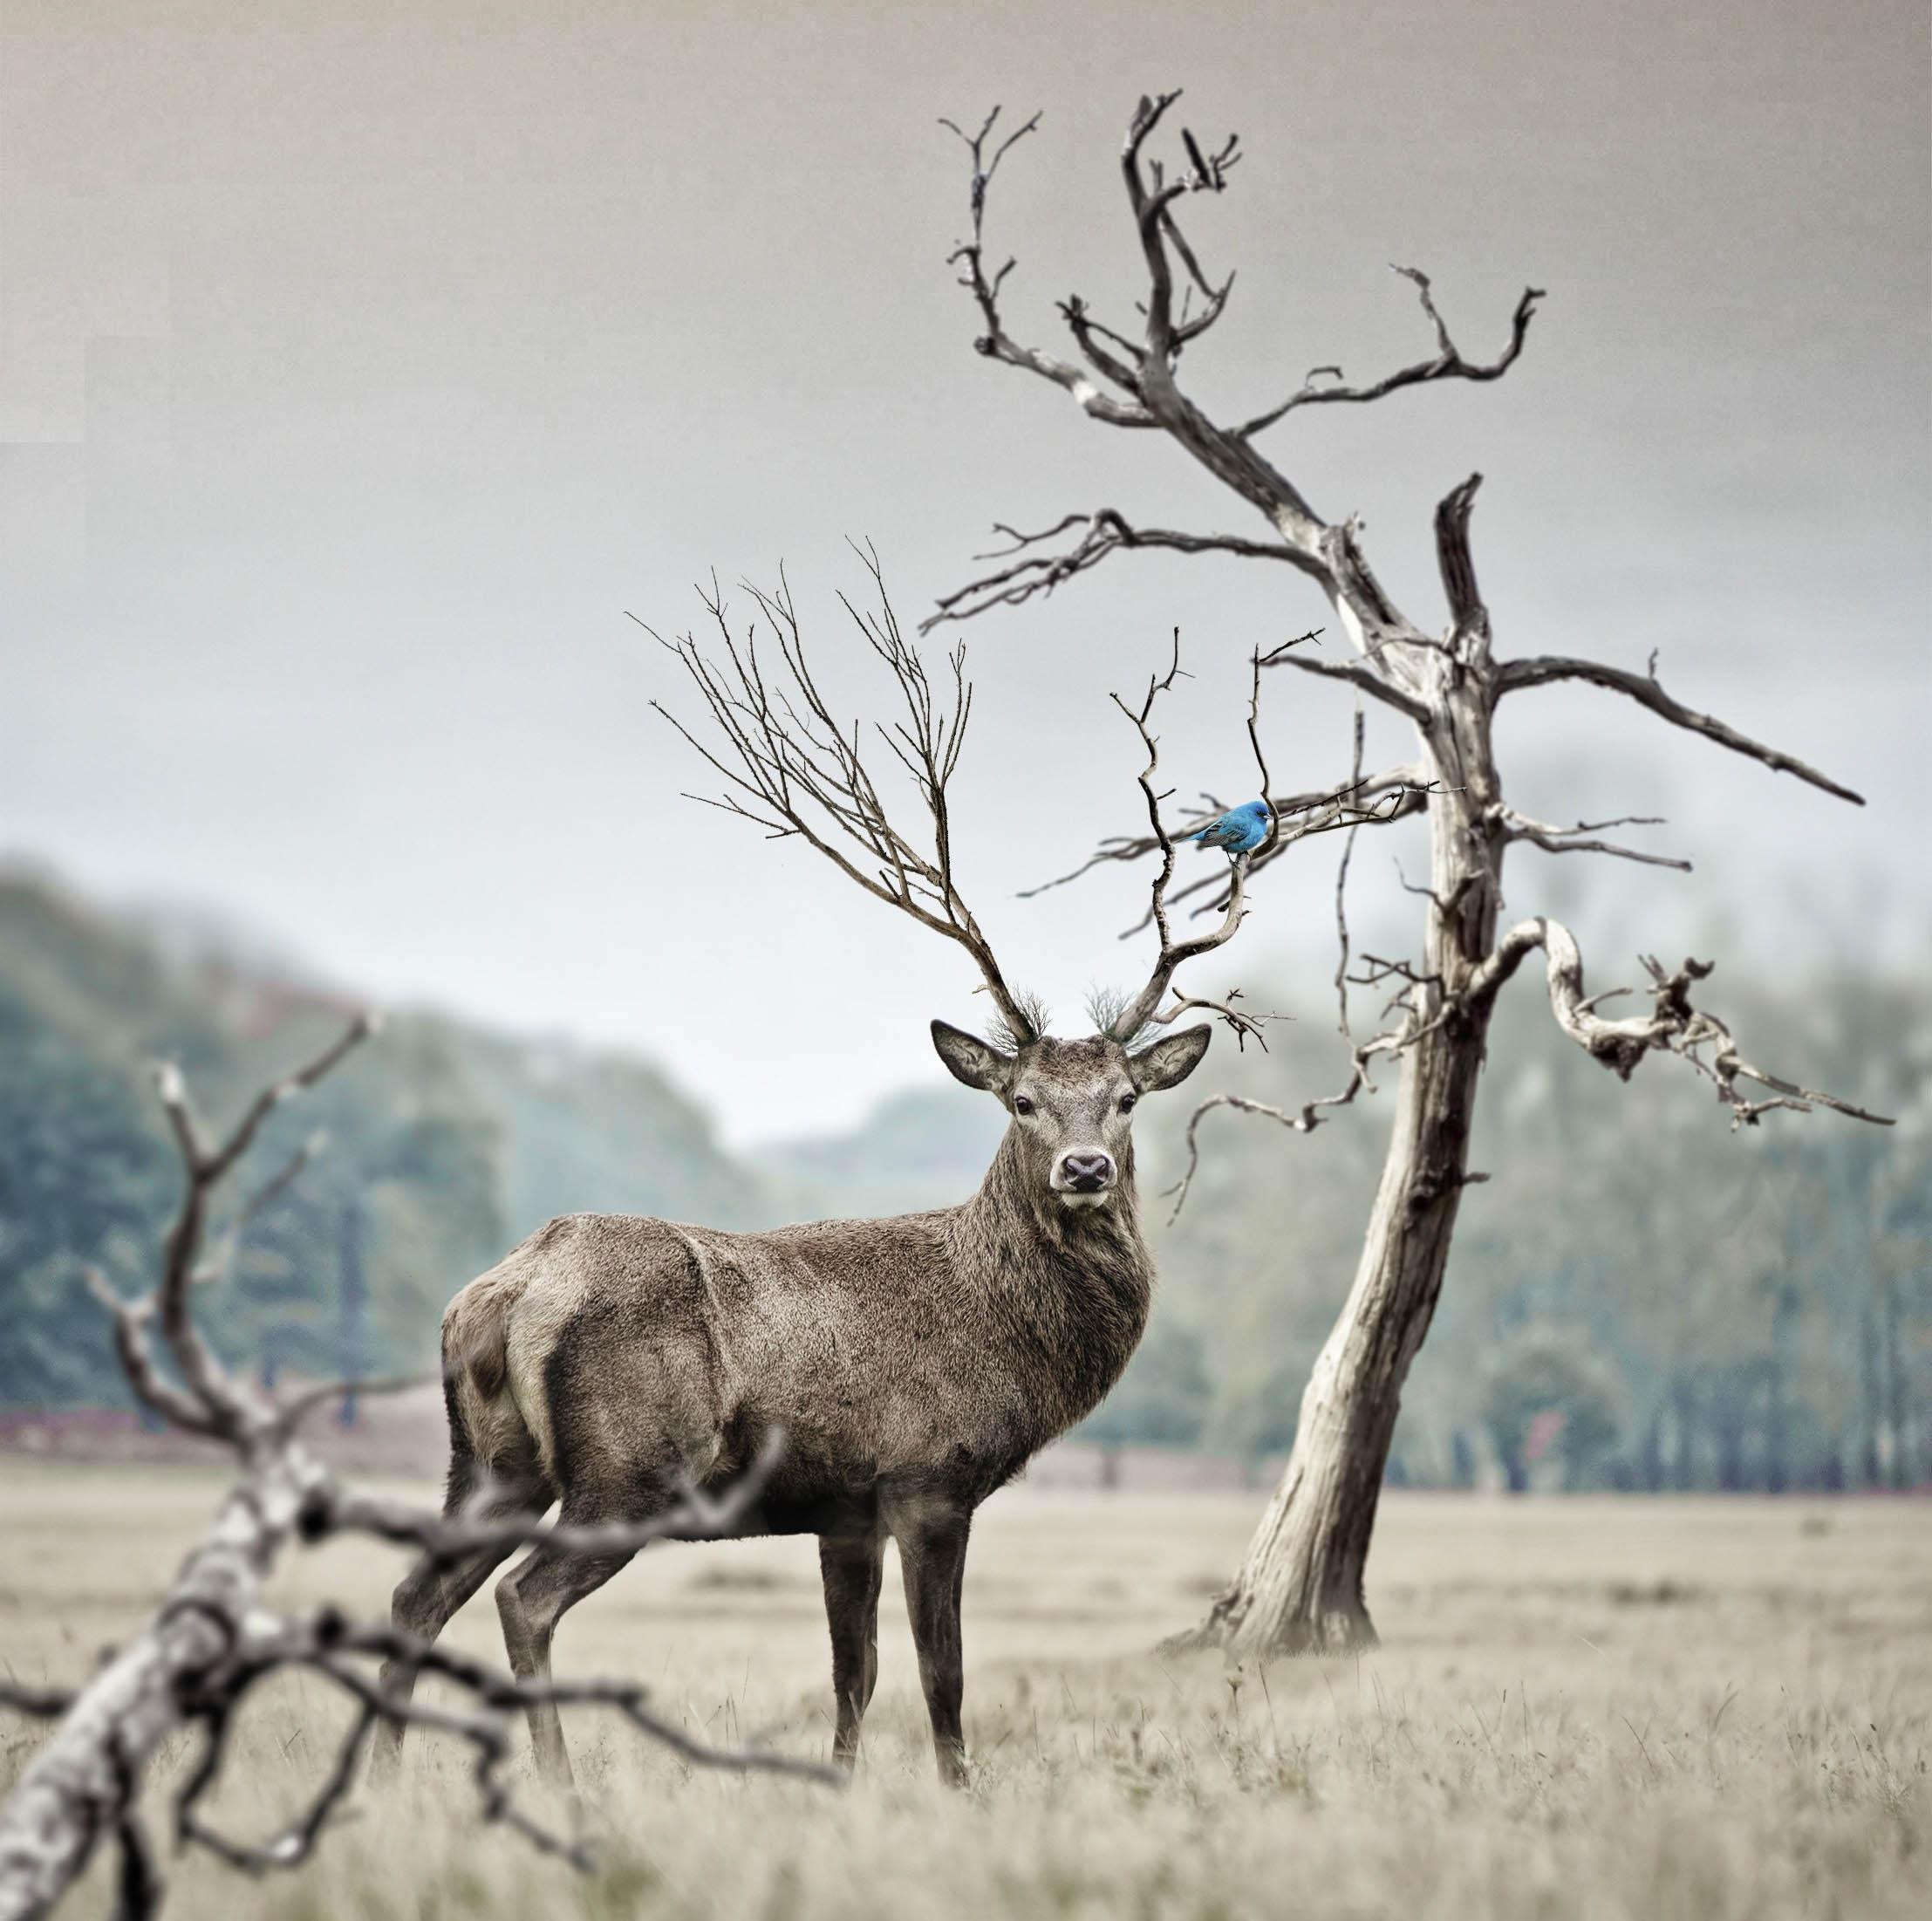 vordergrundhirsch basics photography Photographing animals in the wild